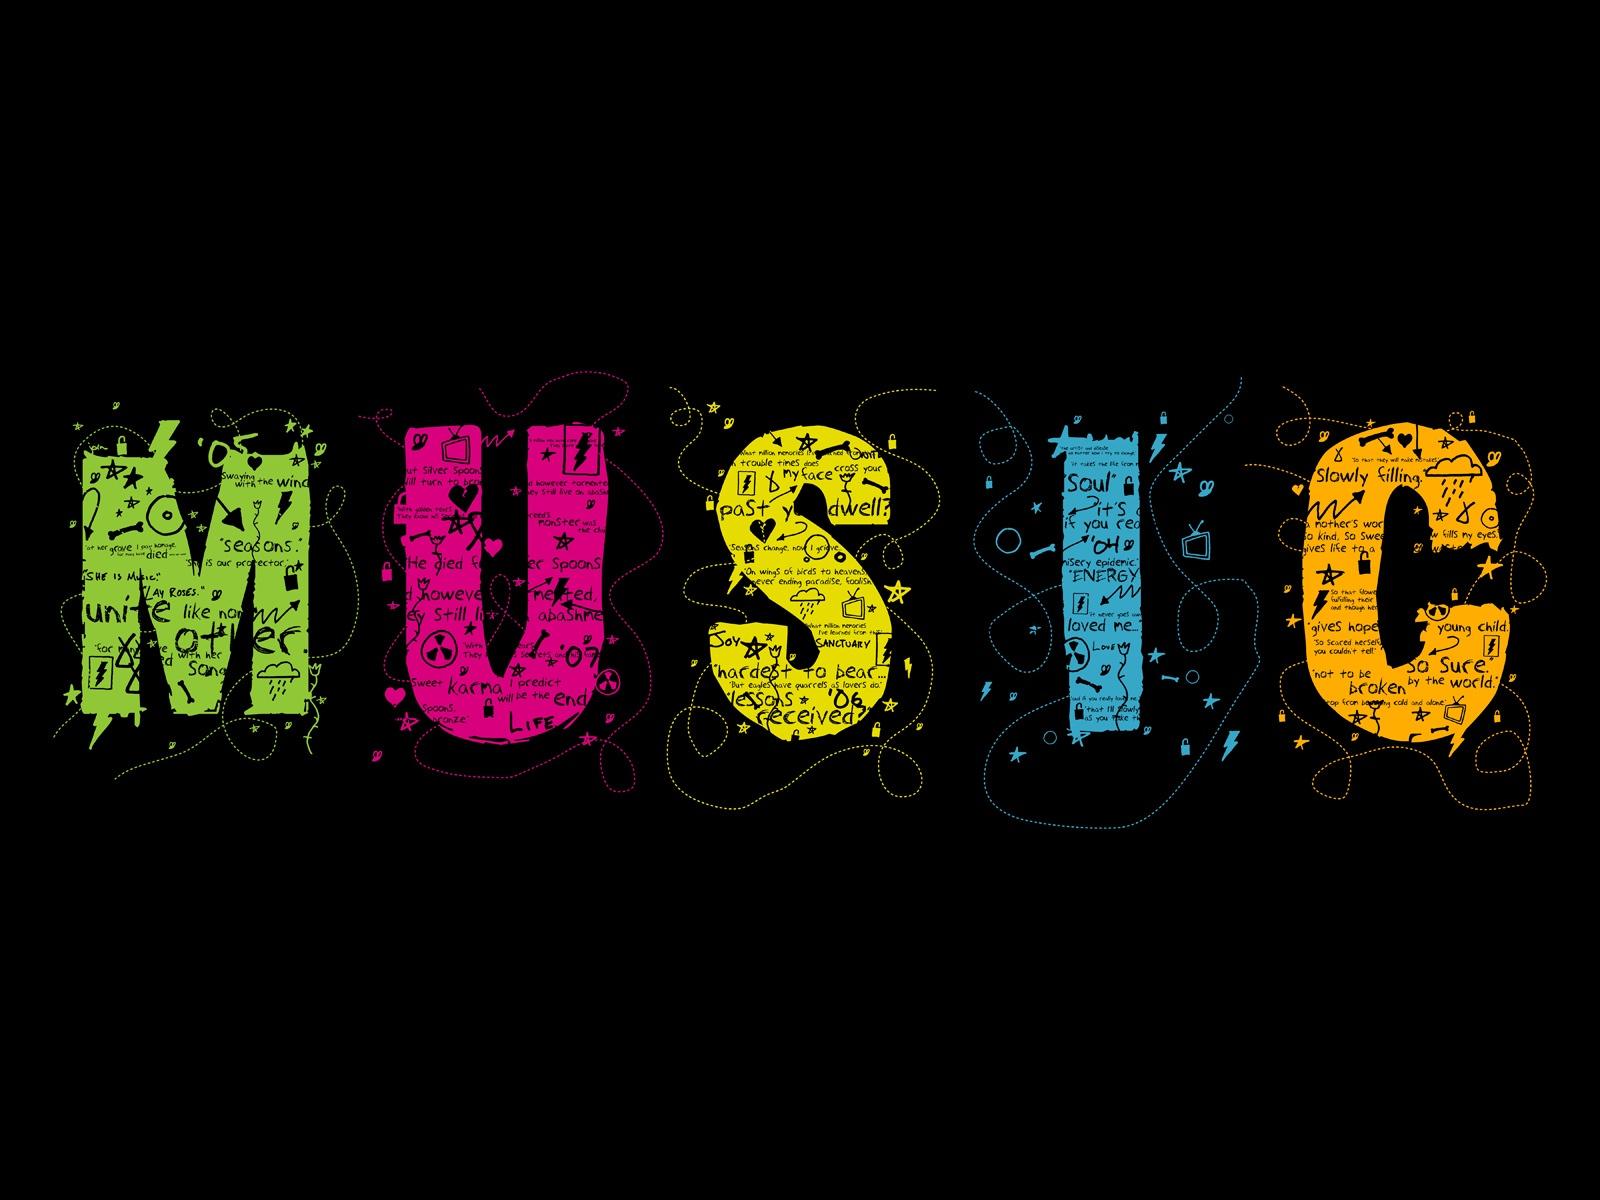 music - photo #3